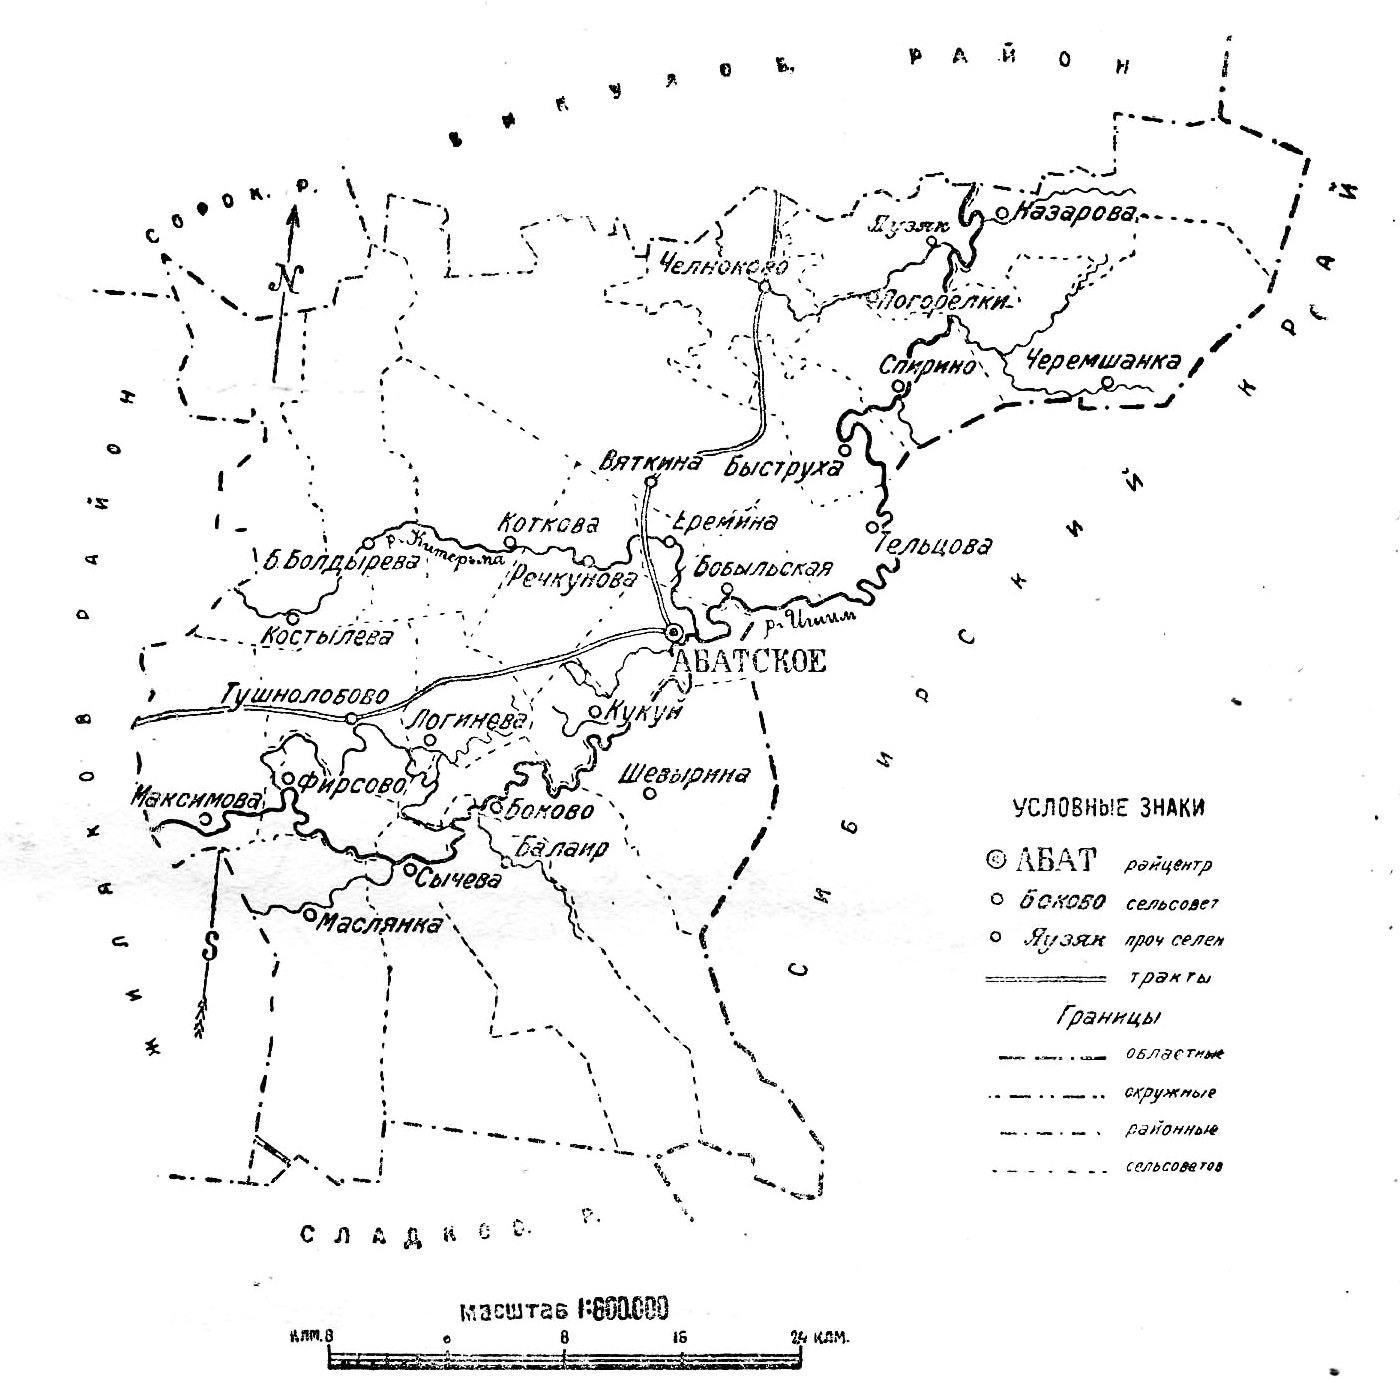 Карта Абатского Района